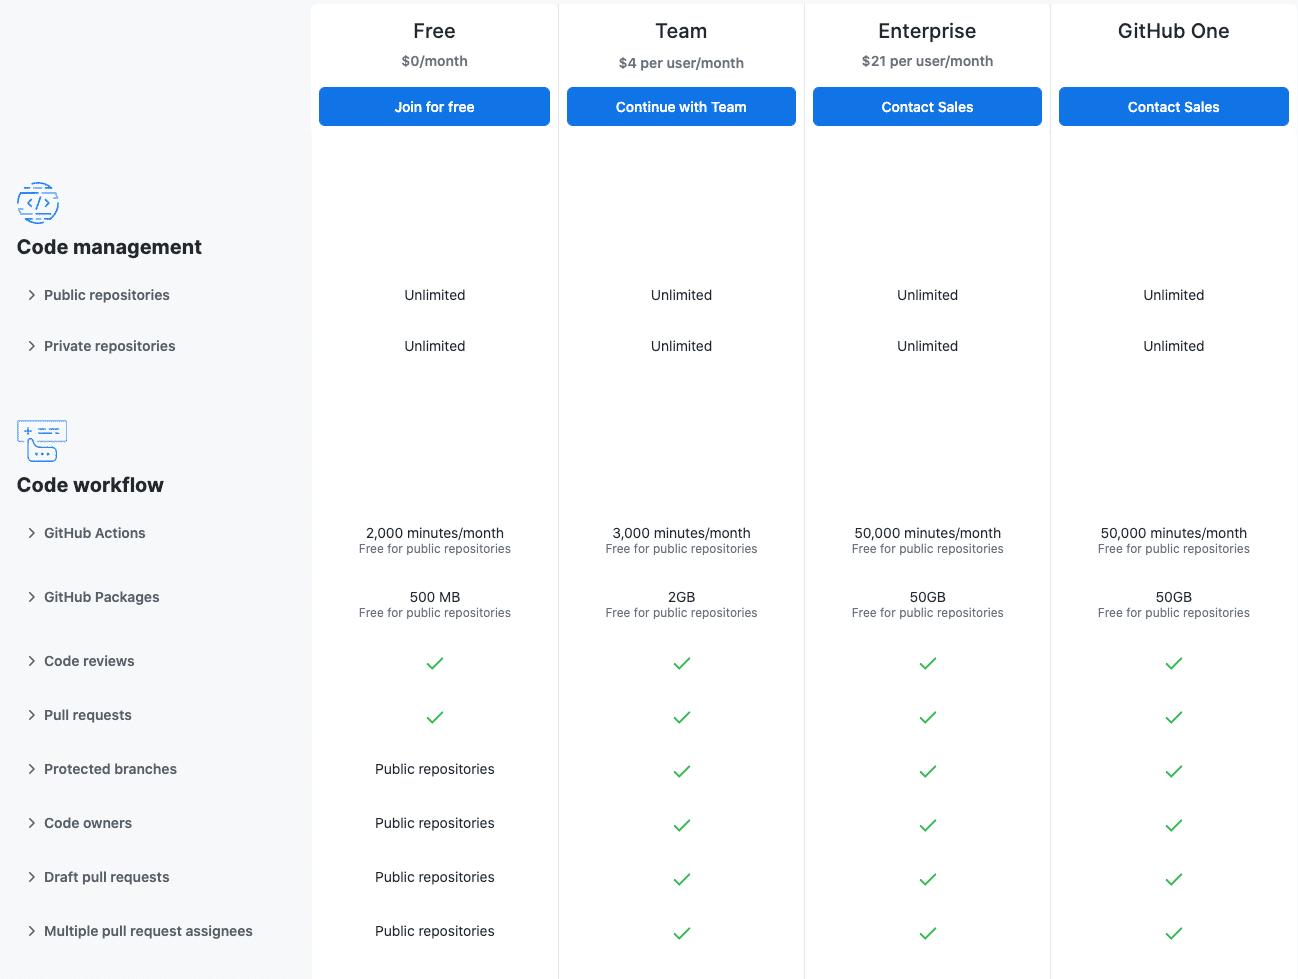 Les plans tarifaires de GitHub